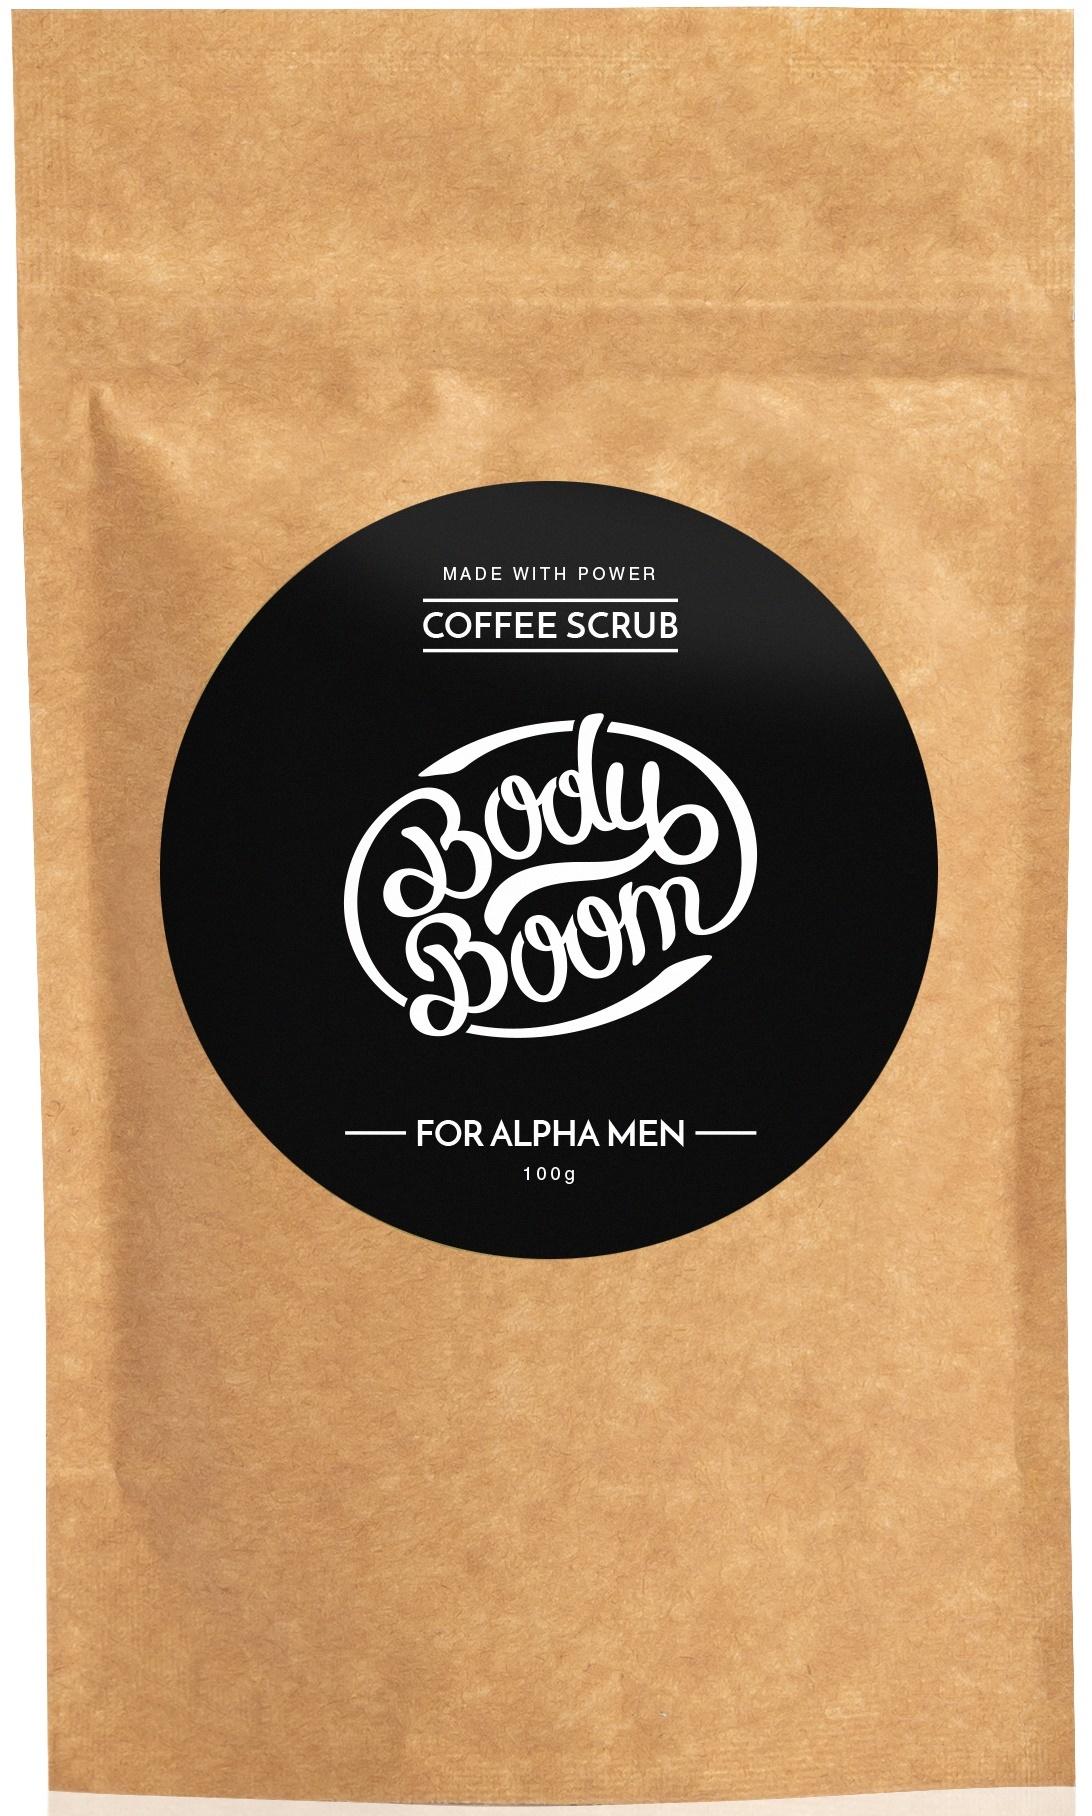 BODY BOOM Кофейный скраб для тела For alpha men 100г